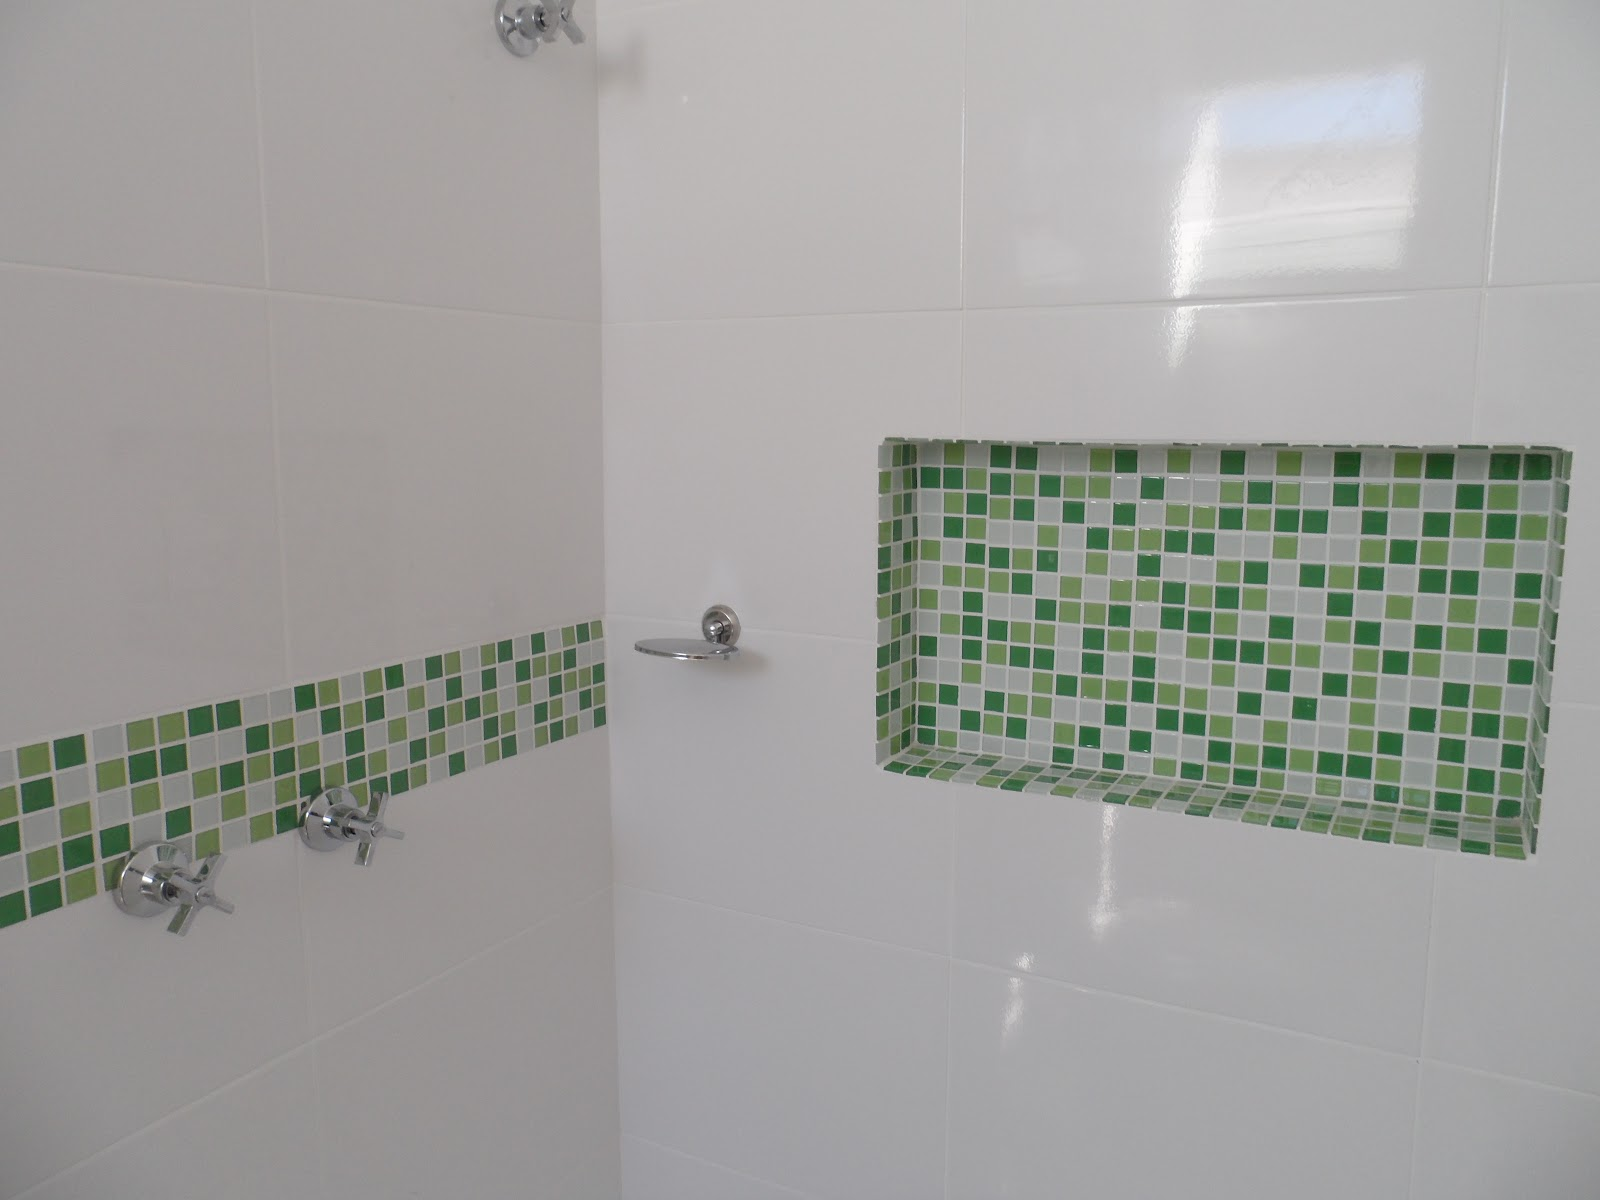 de banheiro acabamentos de cozinha cozinha com pastilha acabamento de #38603D 1600x1200 Banheiro Branco Com Pastilhas Verde